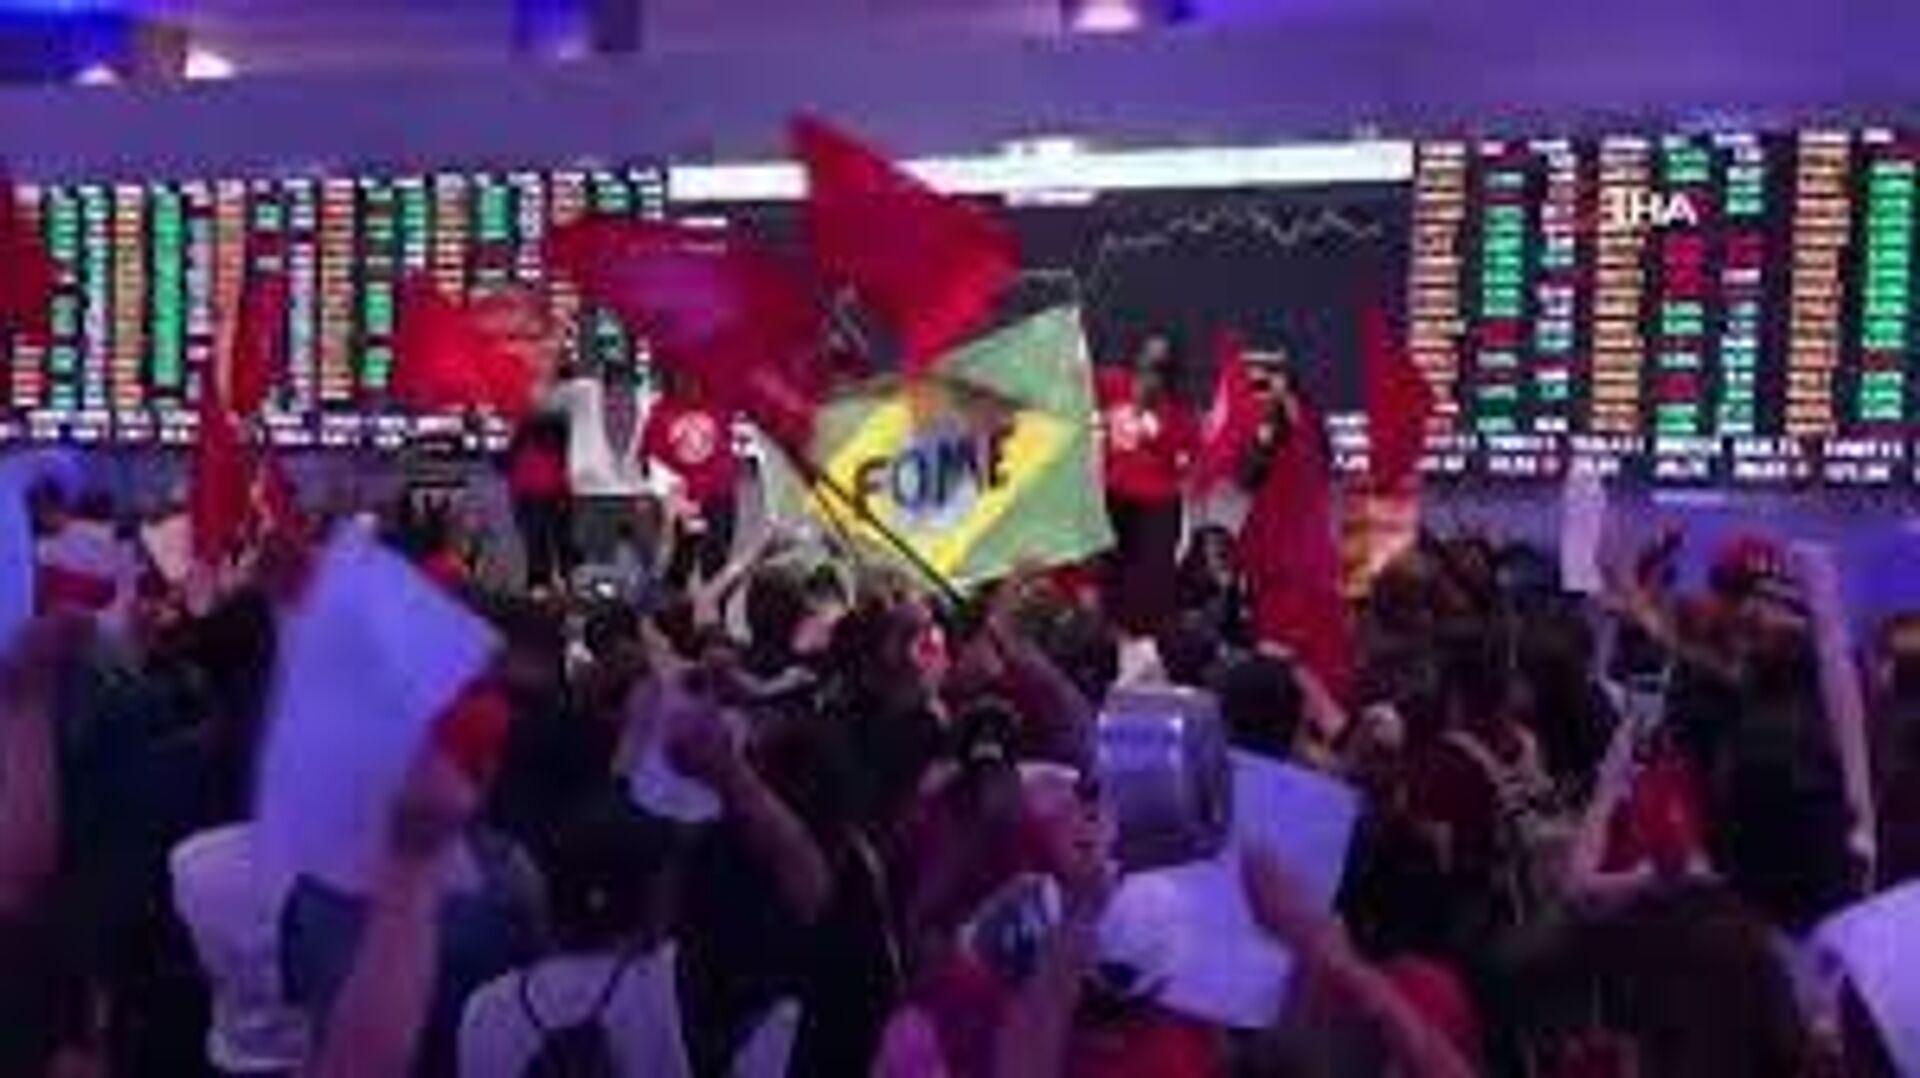 Brezilya'da Evsiz İşçiler Hareketi, Sao Paulo Menkul Kıymetler Borsası'nı bastı. - Sputnik Türkiye, 1920, 24.09.2021